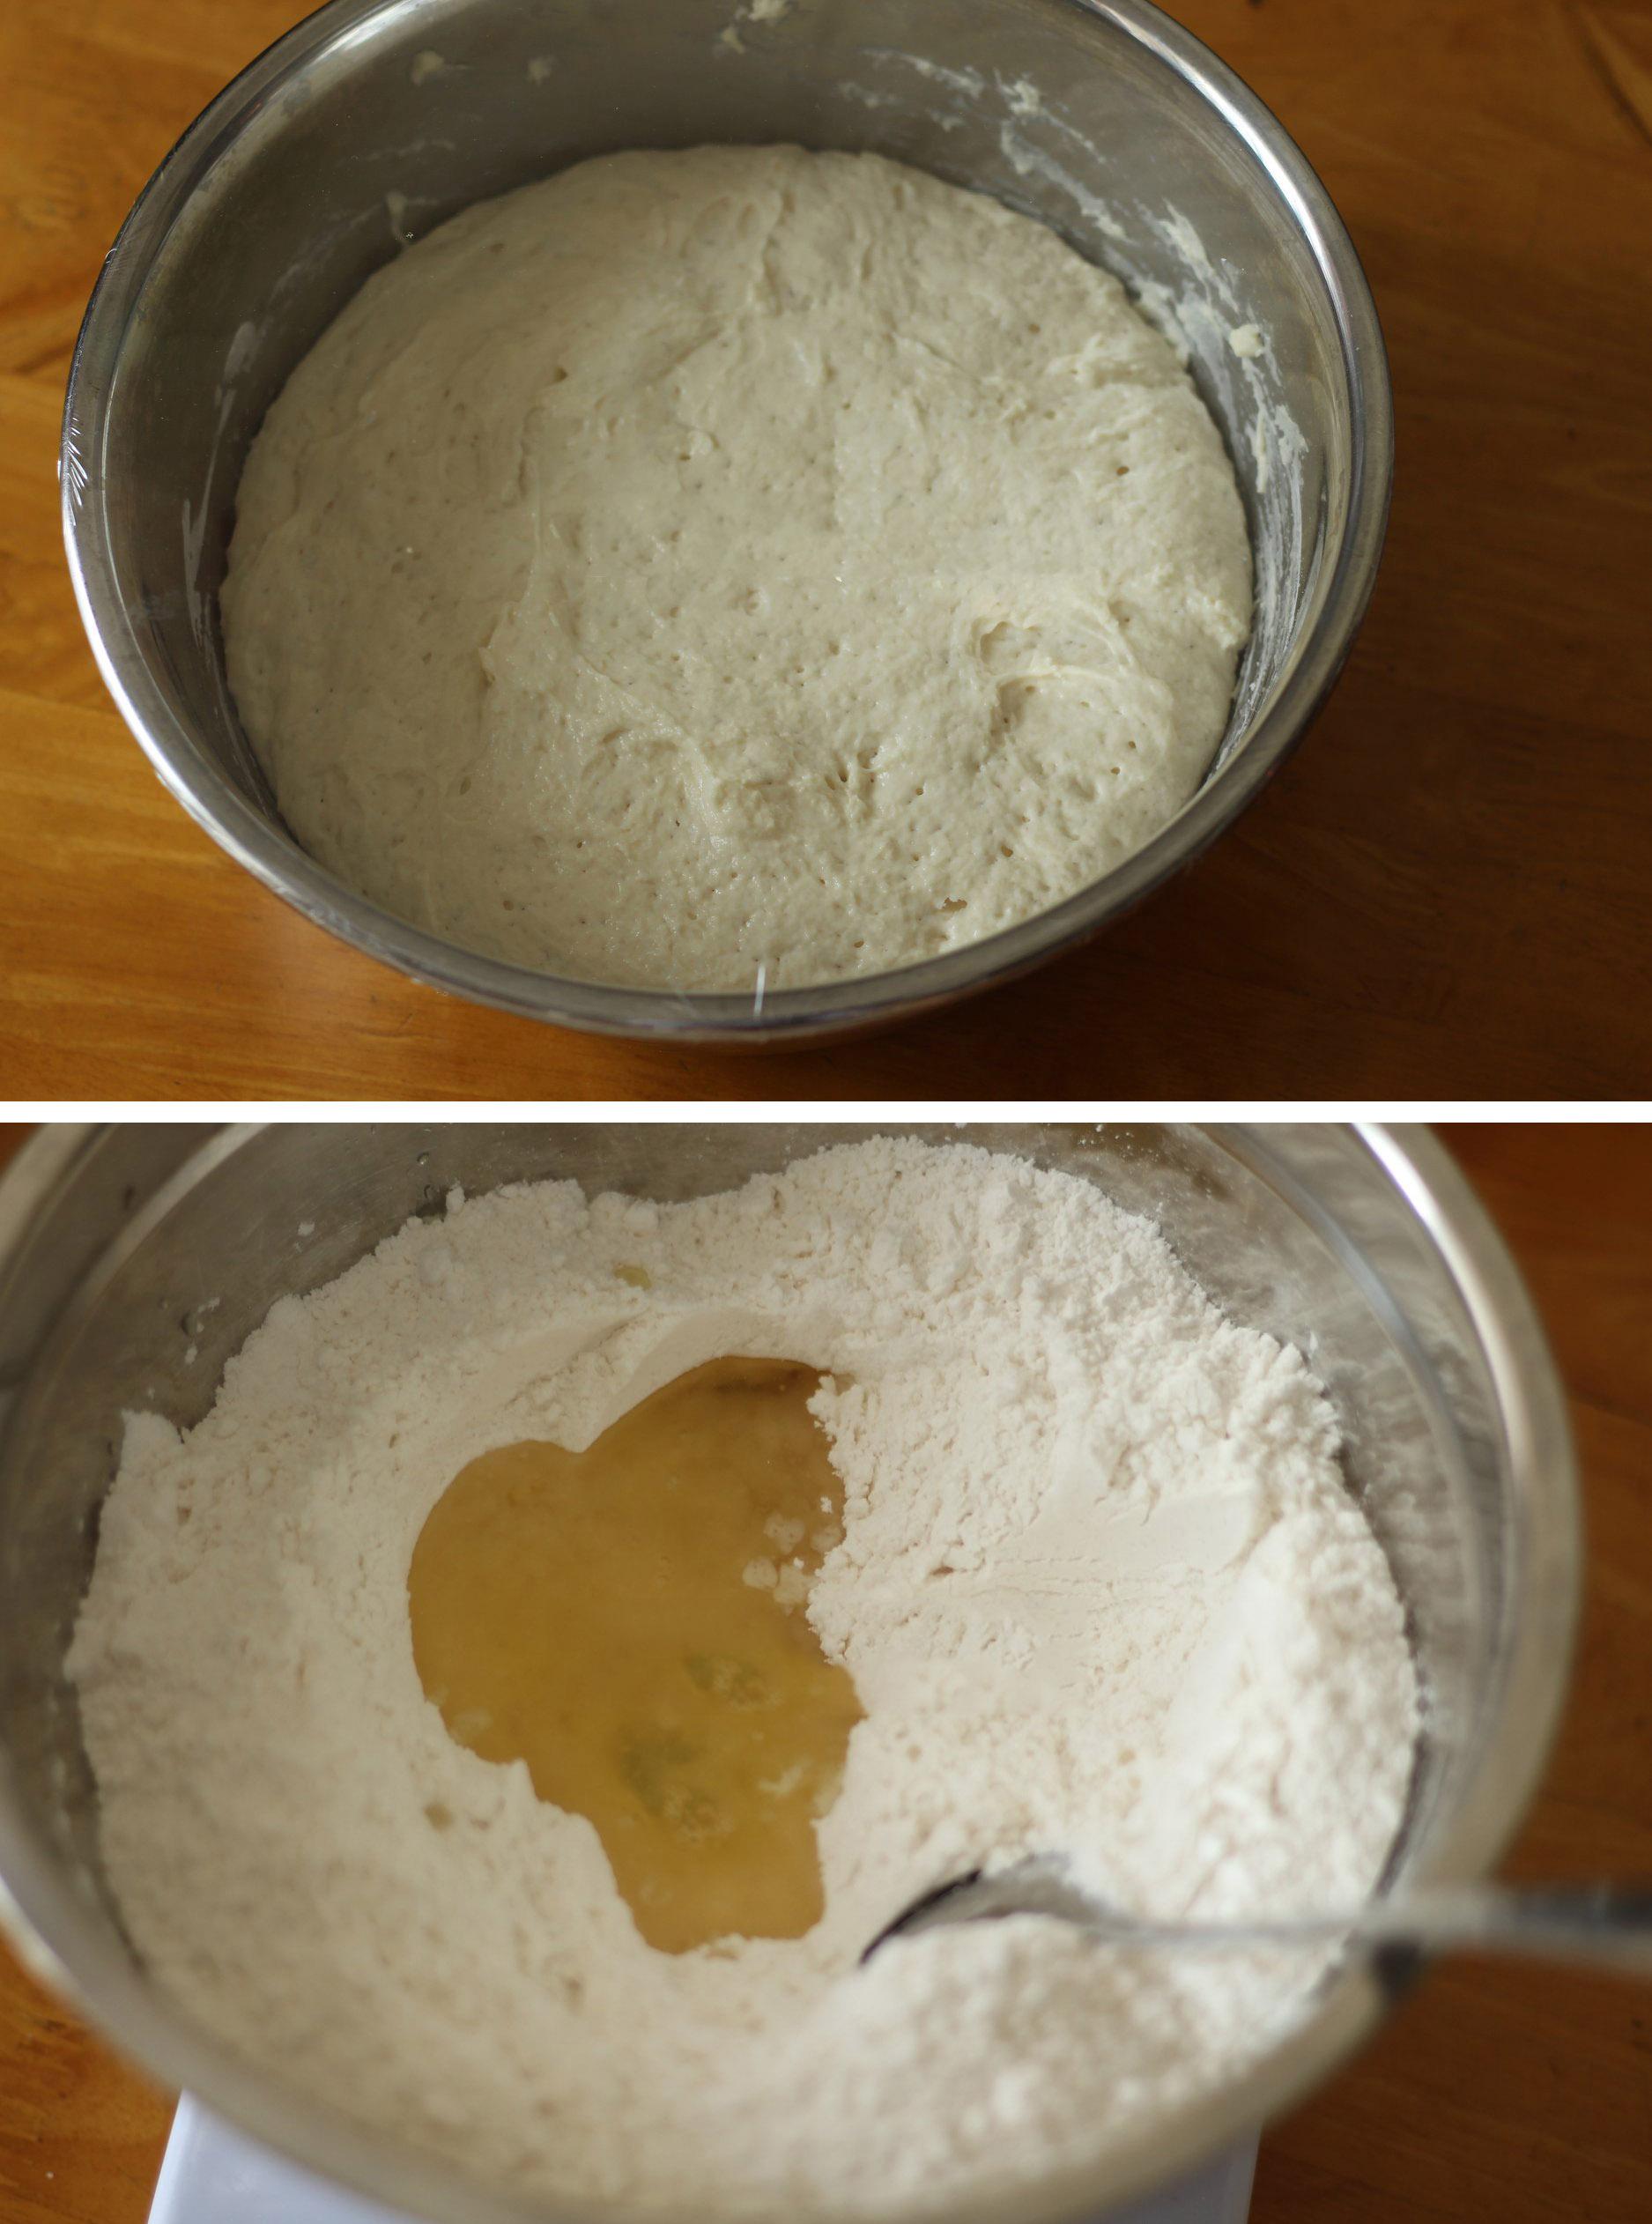 cách làm bánh bao miền trung 6 cách làm bánh bao miền trung Cách làm bánh bao miền Trung ngon thương nhớ cach lam banh bao 6 copy